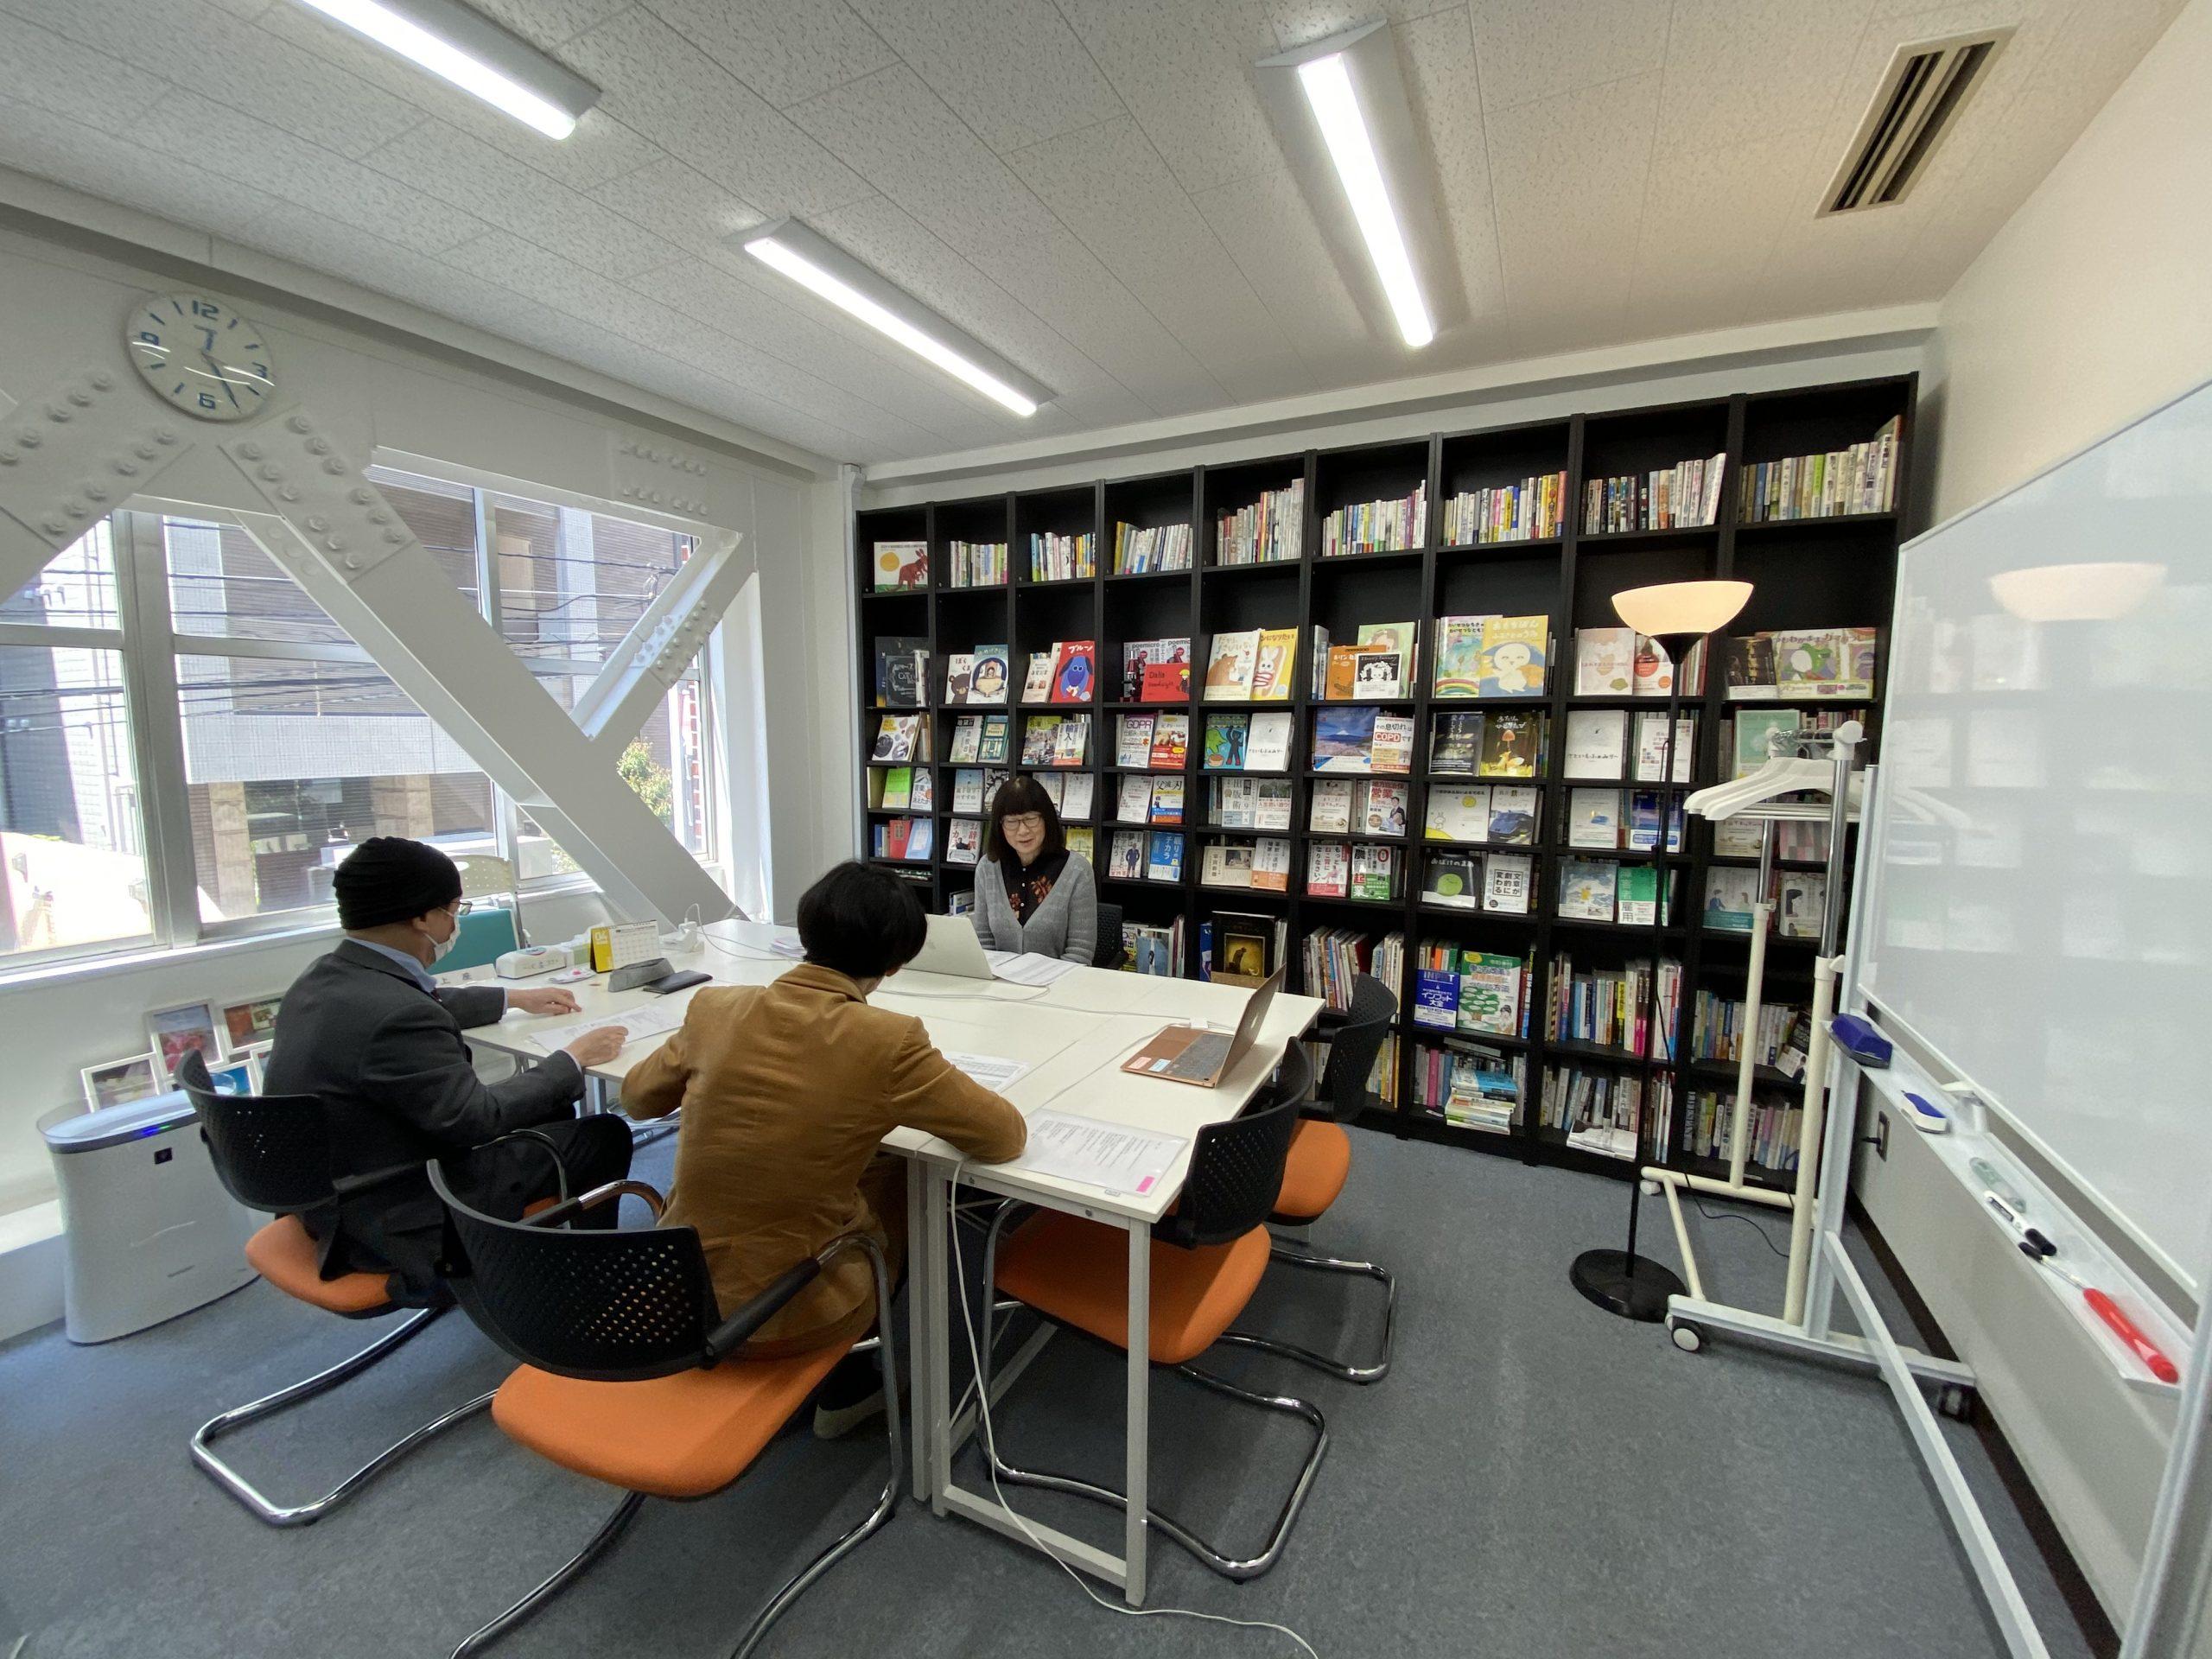 商業出版のコンサルタント(コンサルティング)は東京杉並の Jディスカヴァー